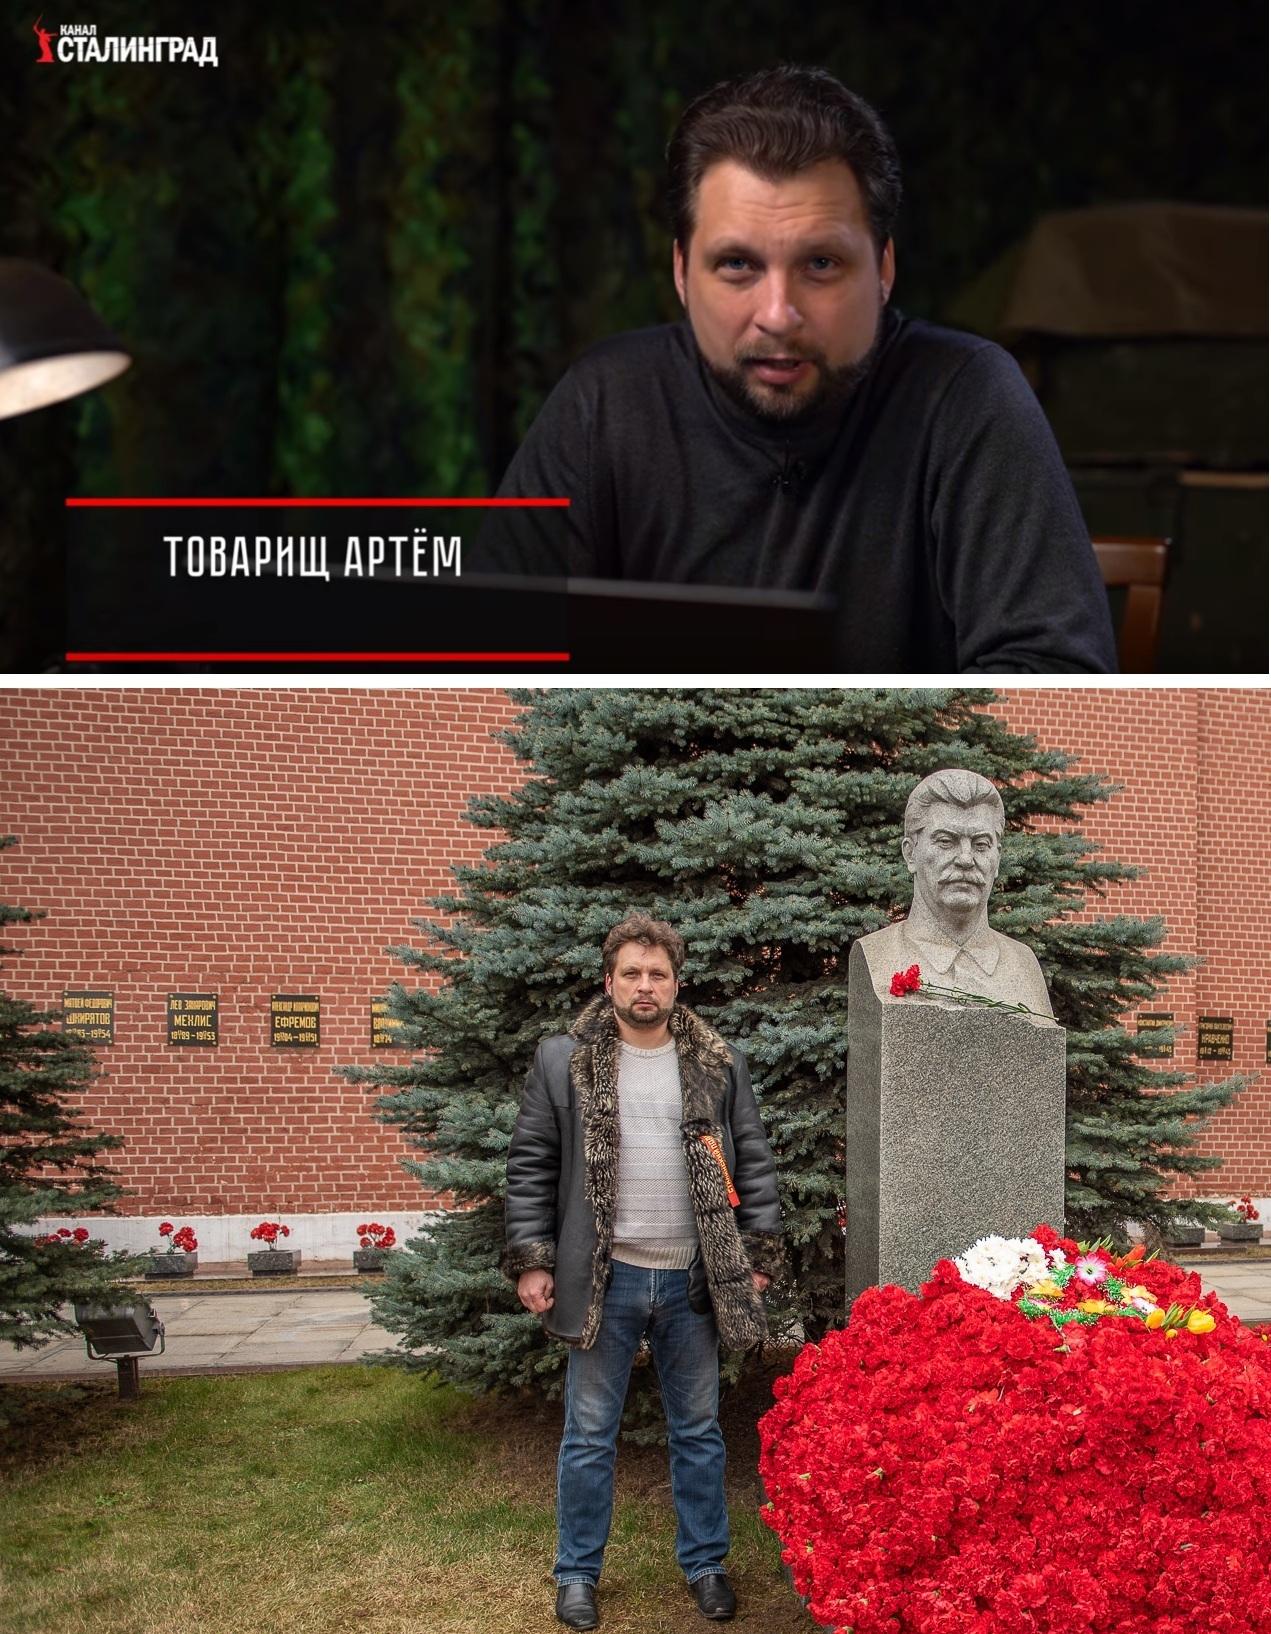 """""""Товарищ Артём"""": на """"рабочем"""" месте и рядом с могилой кумира"""